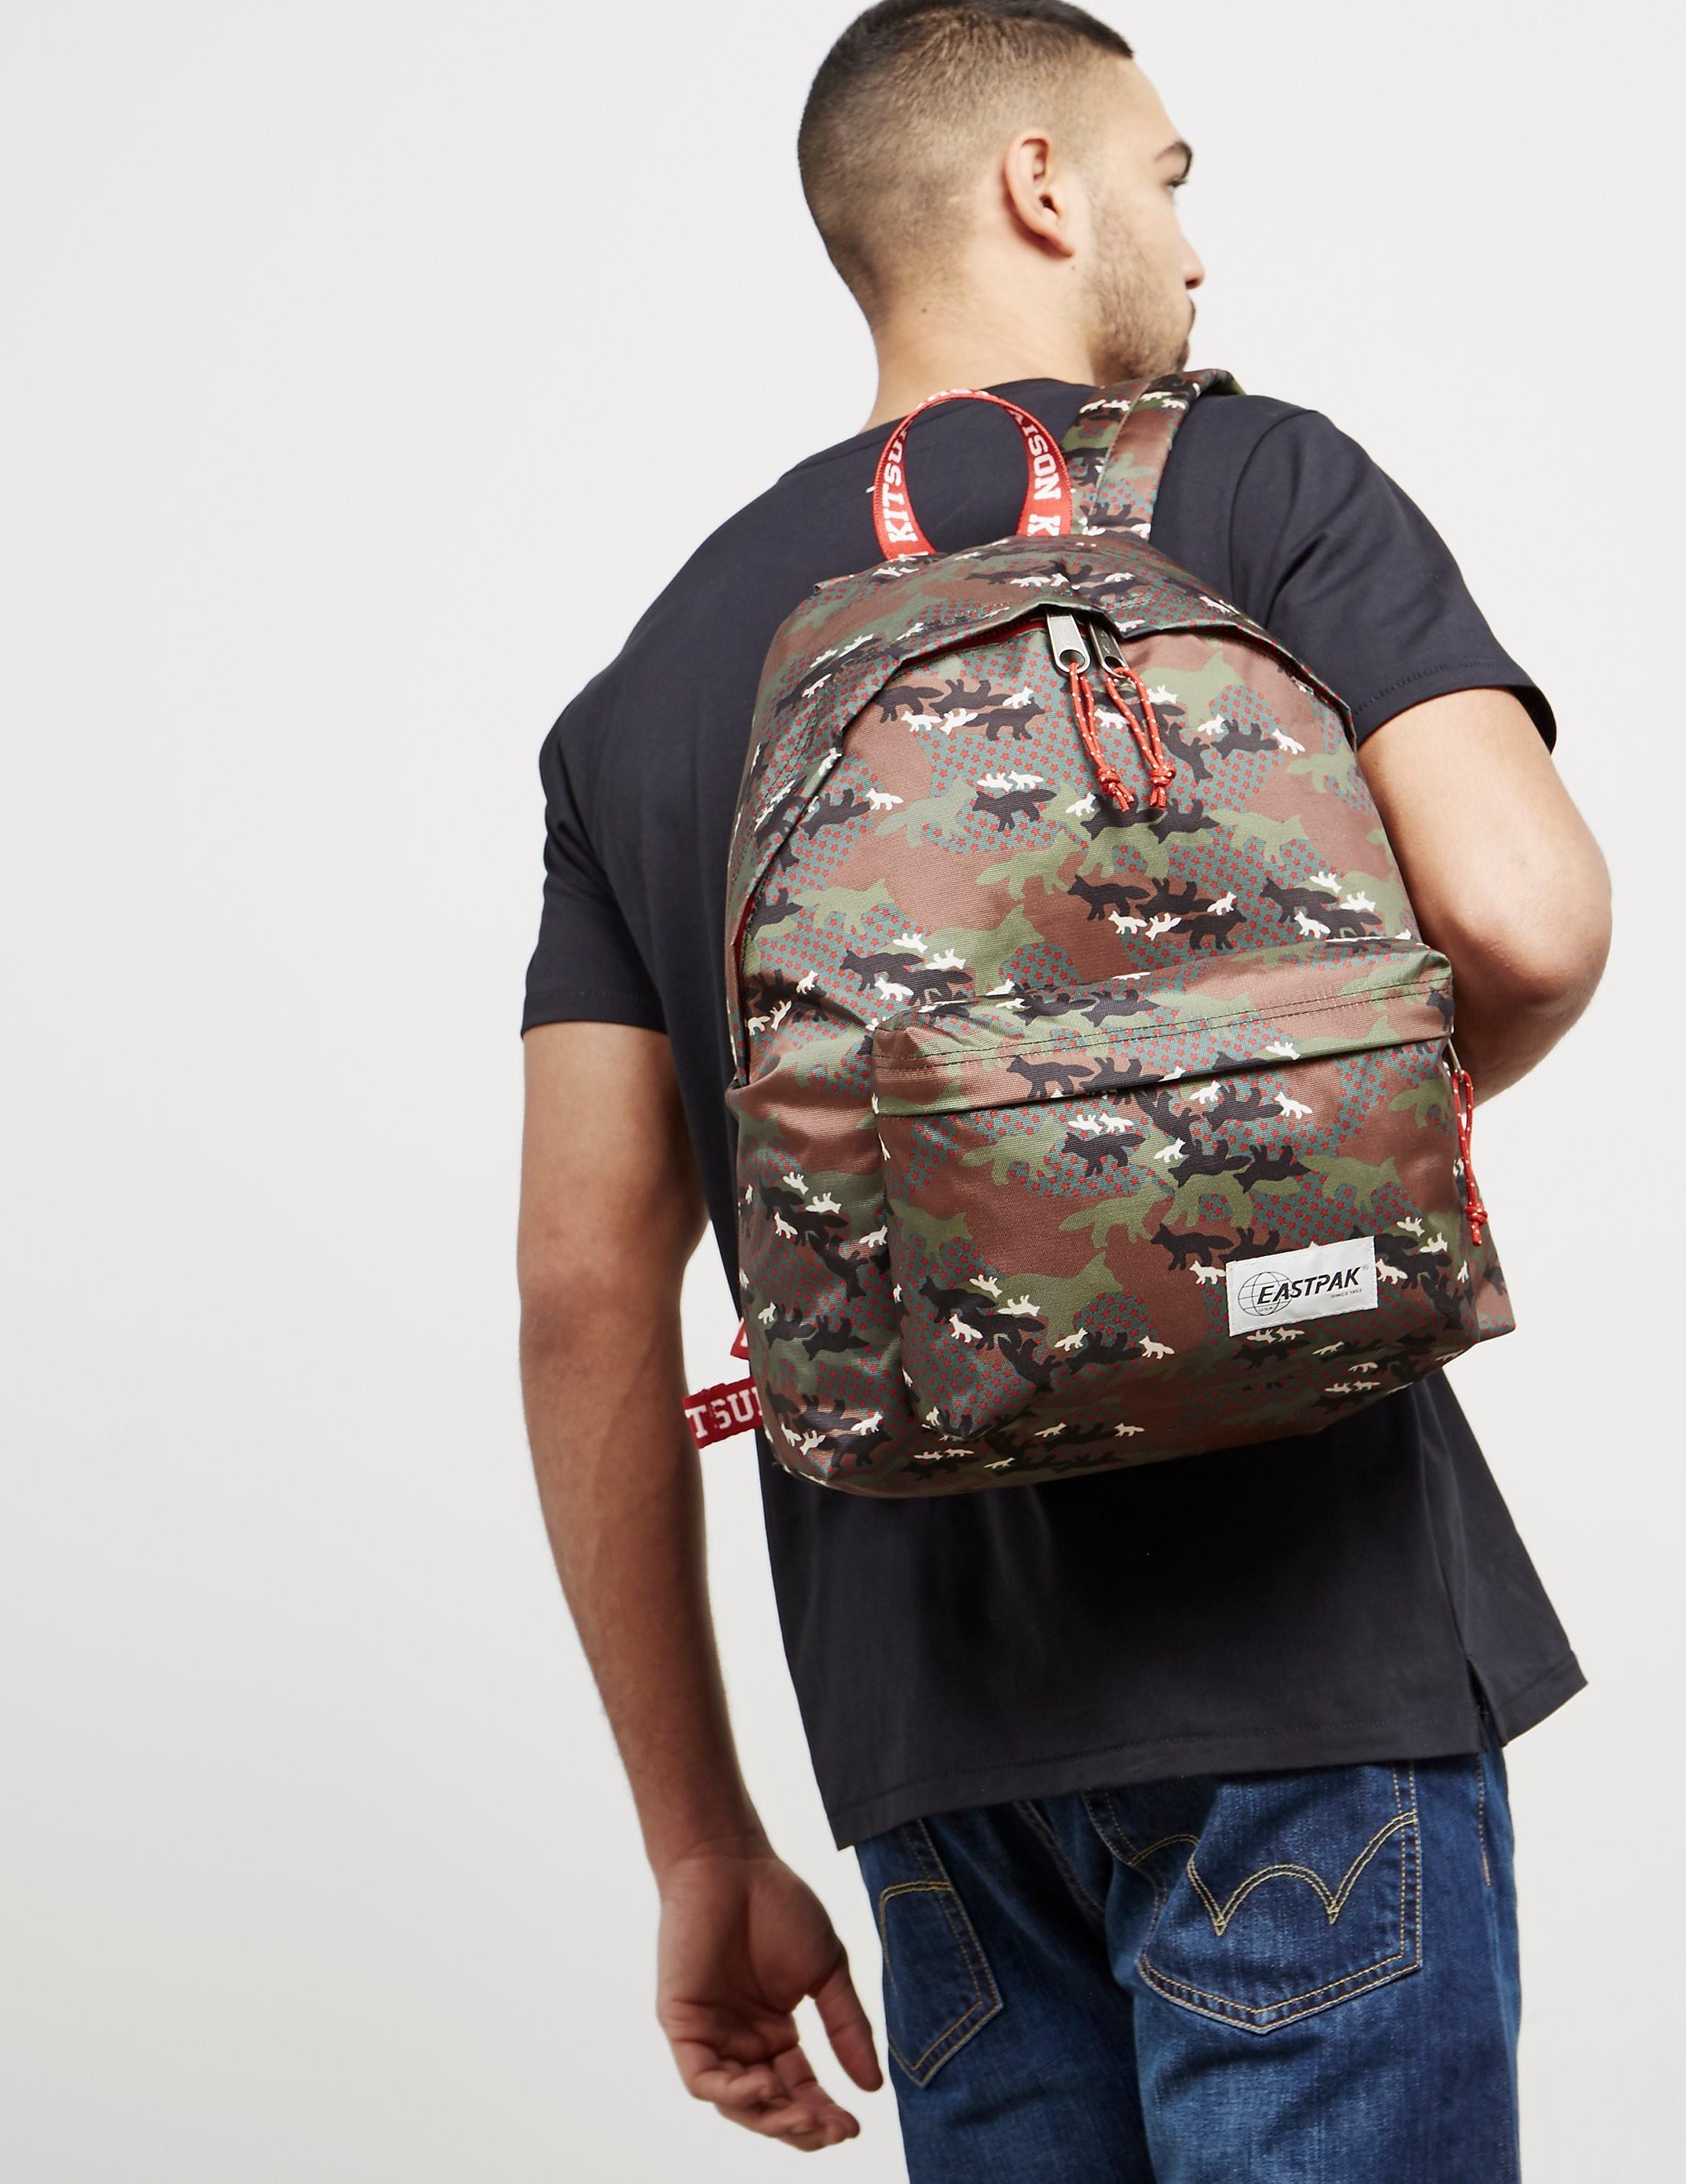 Maison Kitsune x Eastpak Camouflage Backpack